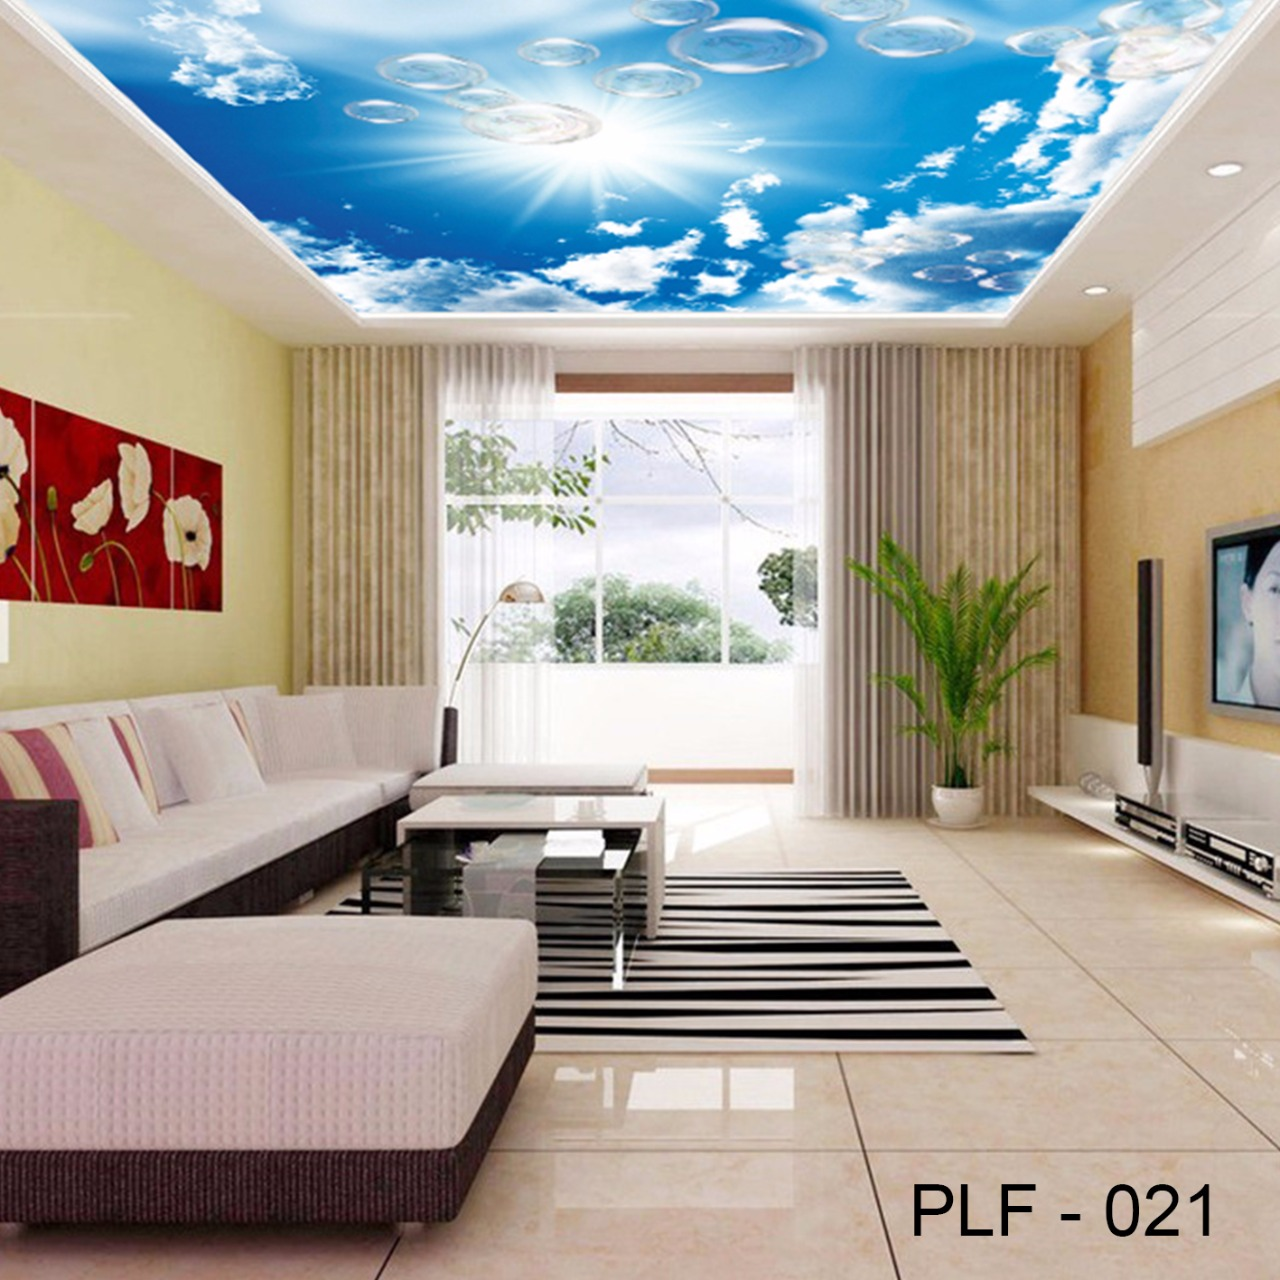 Toko Wallpaper Di Puspitek Serpong